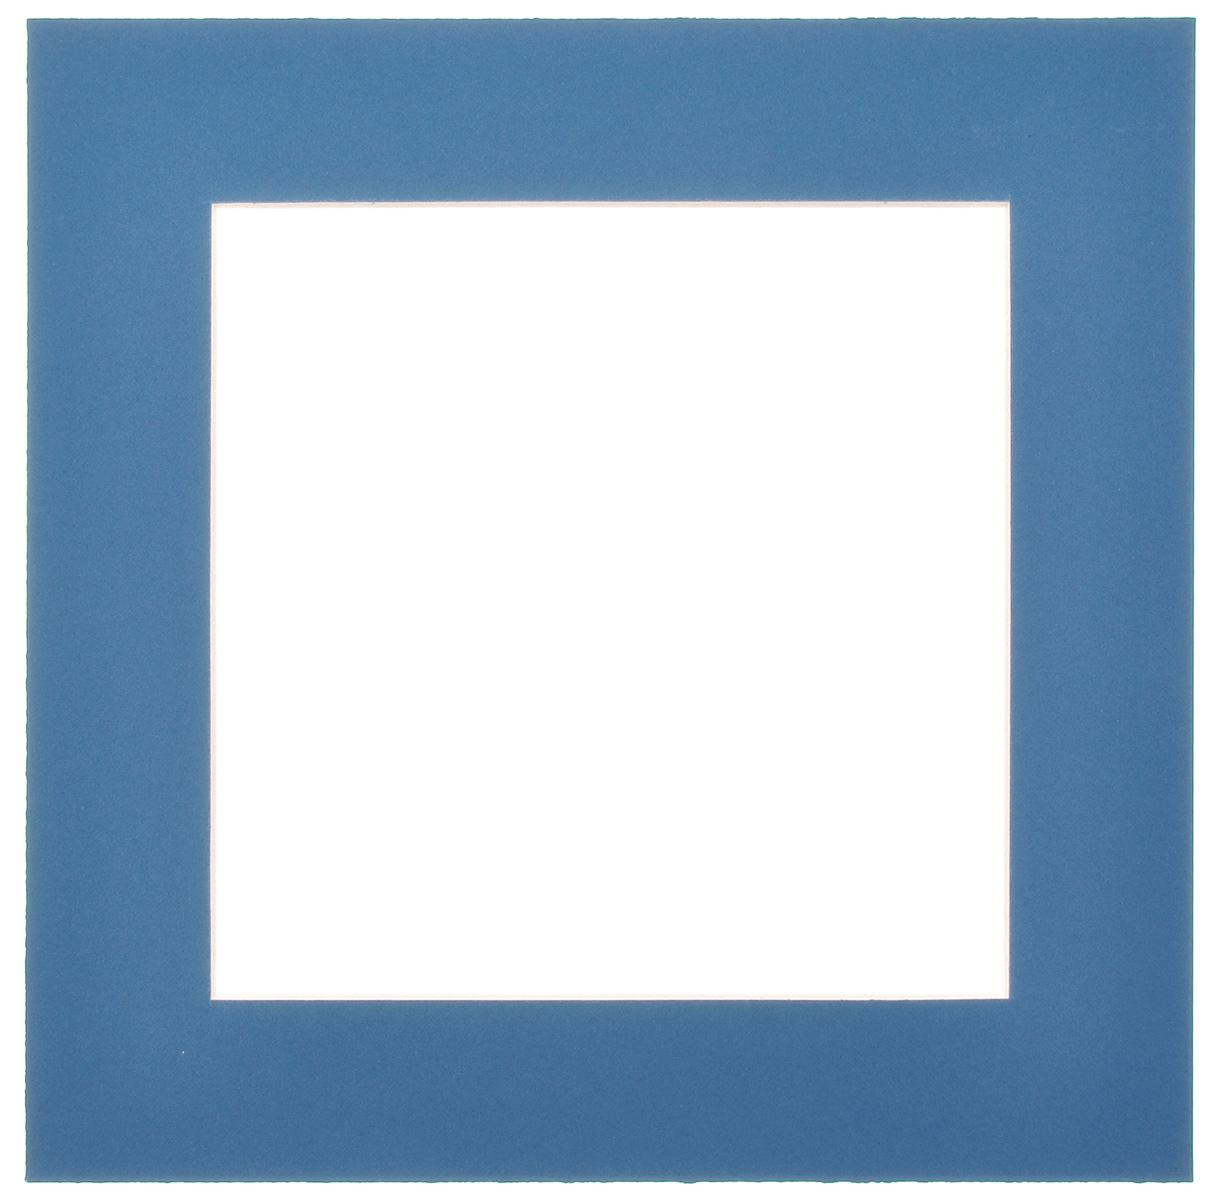 Паспарту Василиса, цвет: темно-синий, 17 х 17 см580639Паспарту Василиса, изготовленное из плотного картона, предназначено для оформления художественных работ и фотографий. Оно располагается между багетной рамой и изображением, делая акцент на фотографии, усиливая ее визуальное восприятие. Кроме того, на паспарту часто располагают поясняющие подписи, автограф изображенного. Внешний размер: 25 см х 25 см. Внутренний размер: 17 см х 17 см.